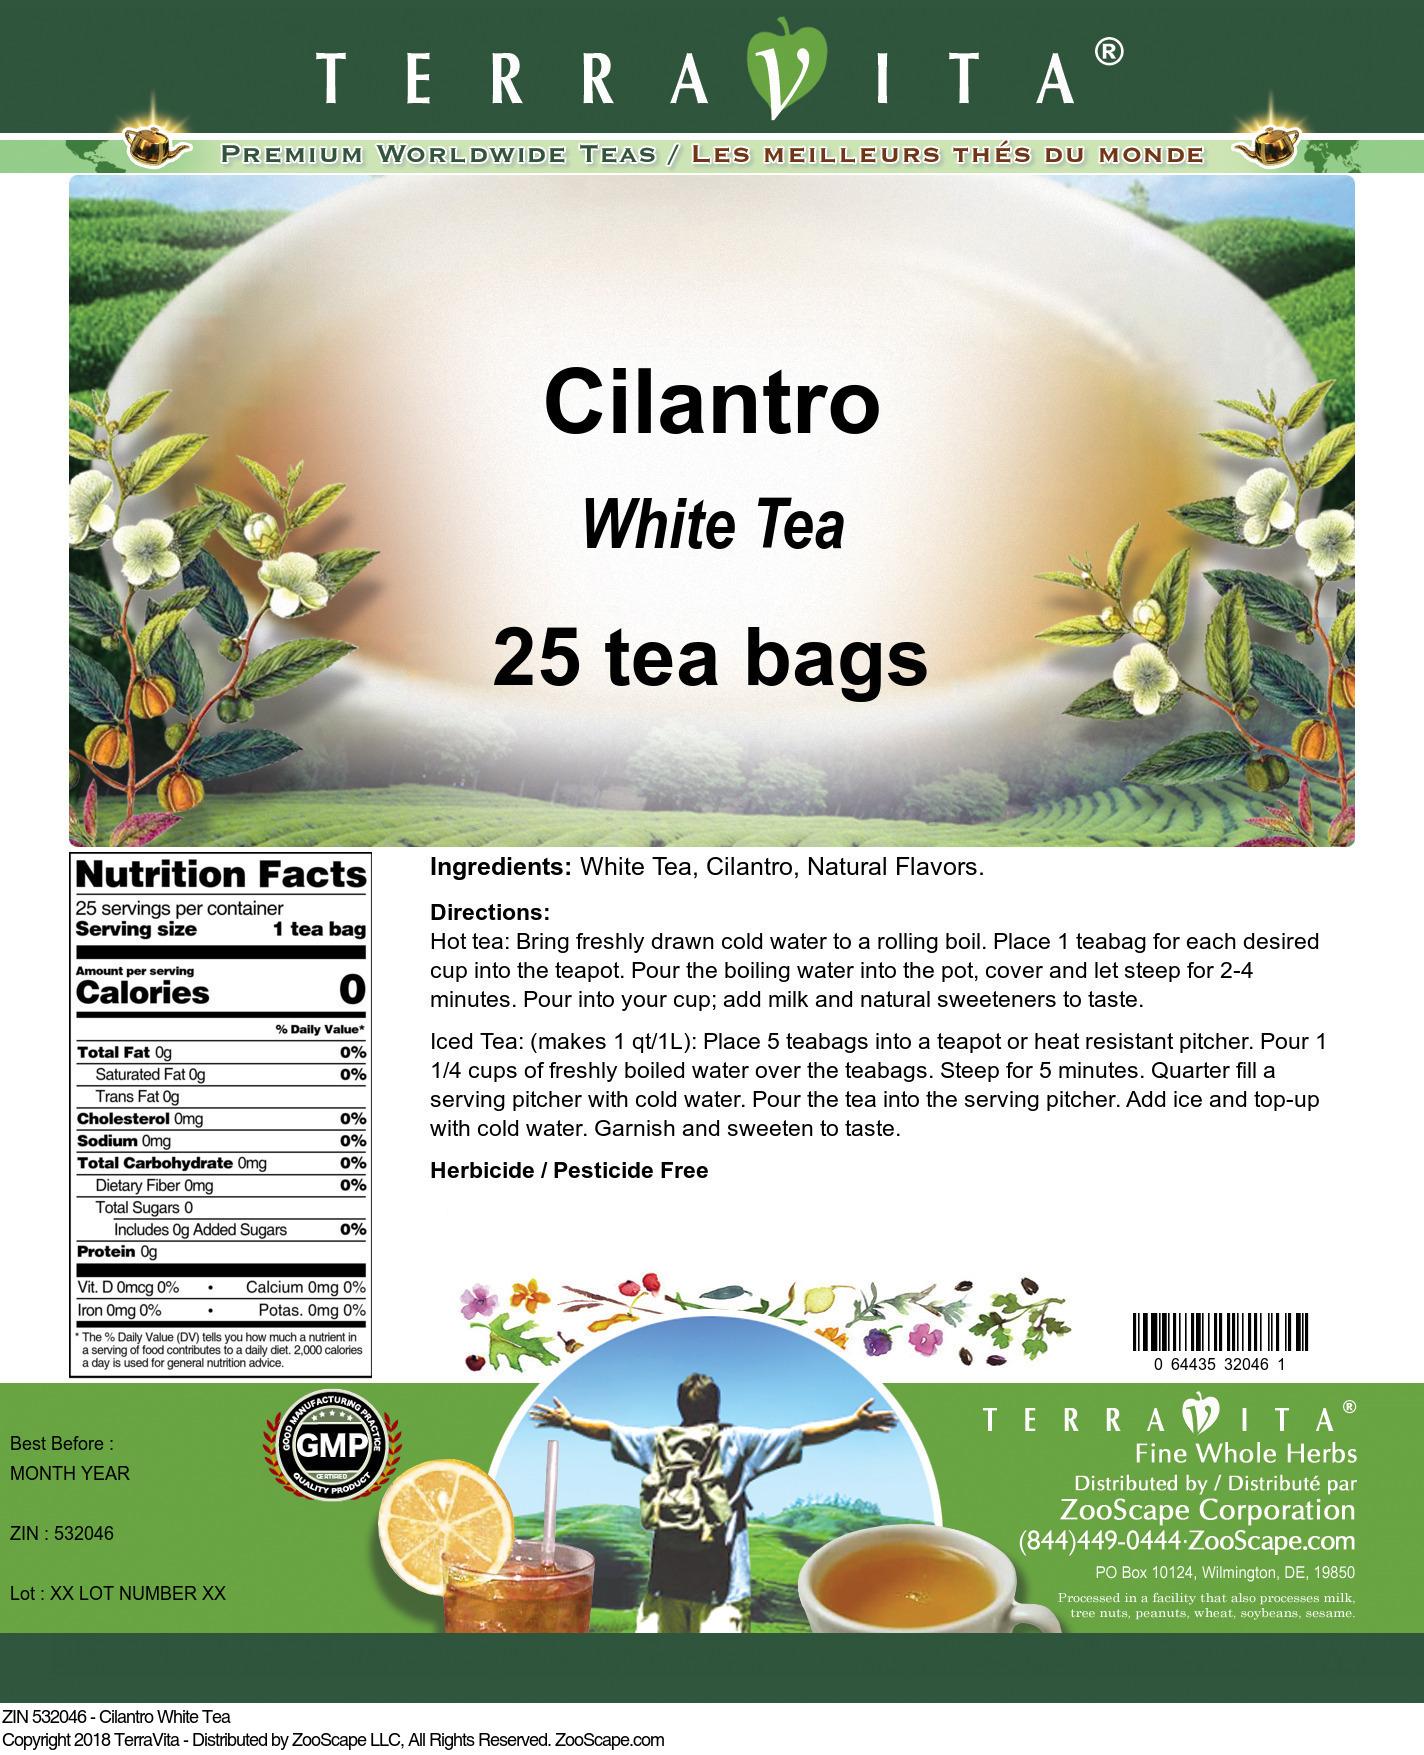 Cilantro White Tea